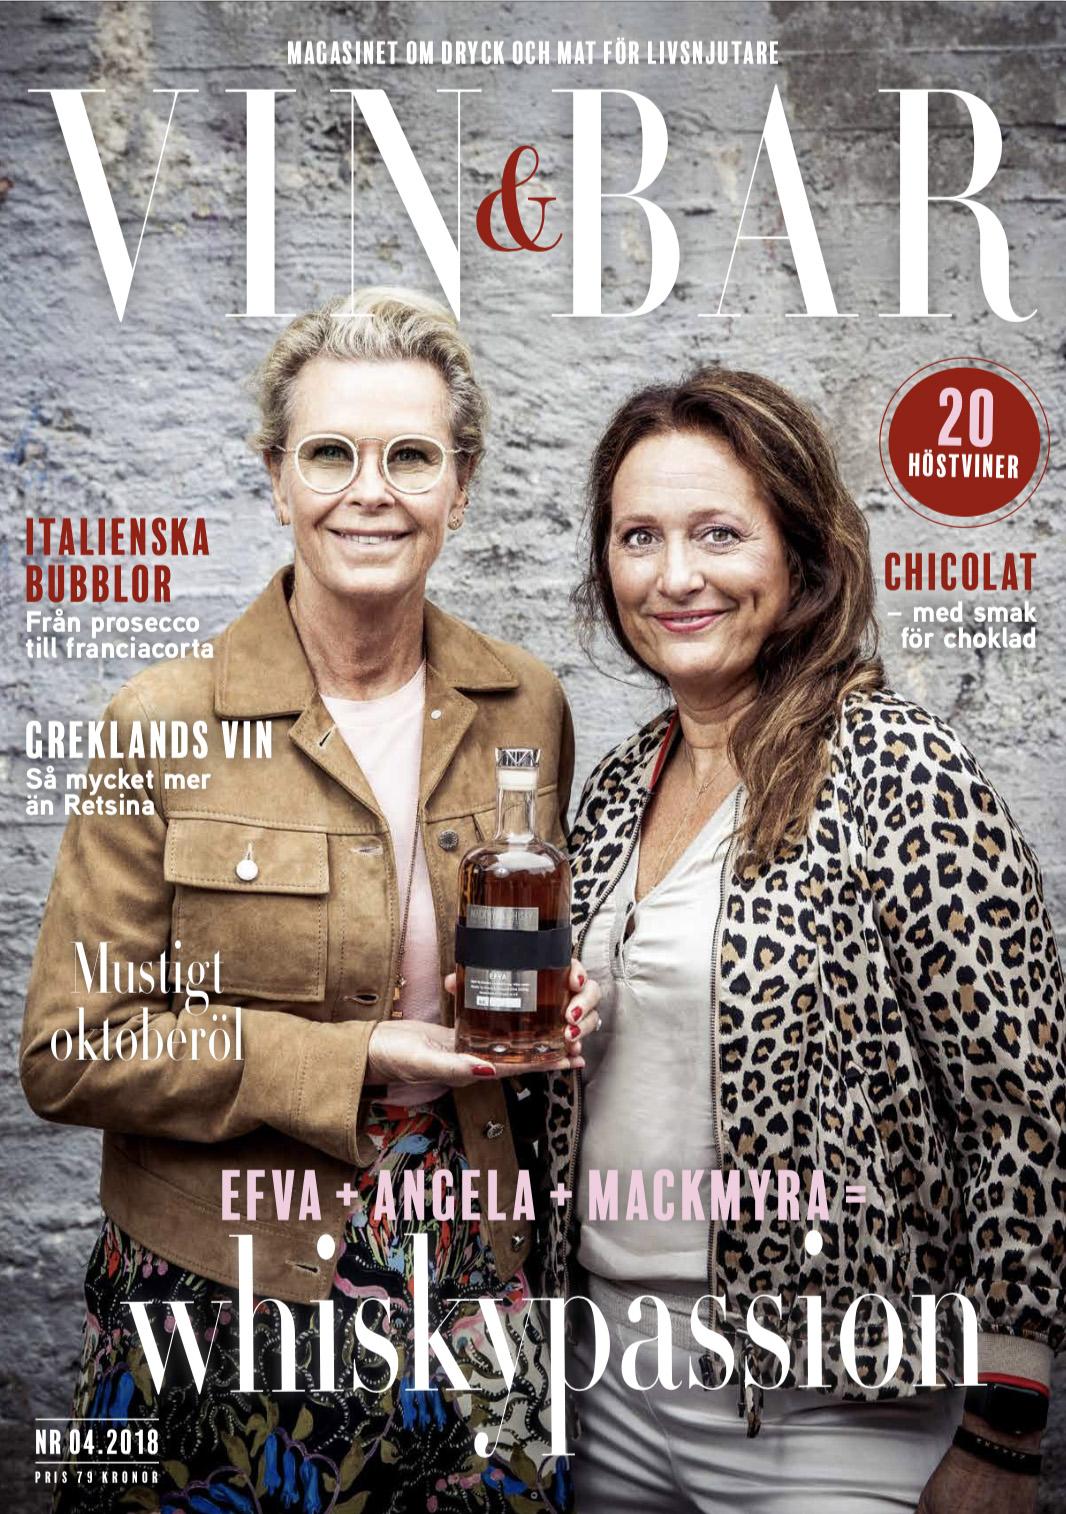 Vin och Bar tidning 2018 nummer 4